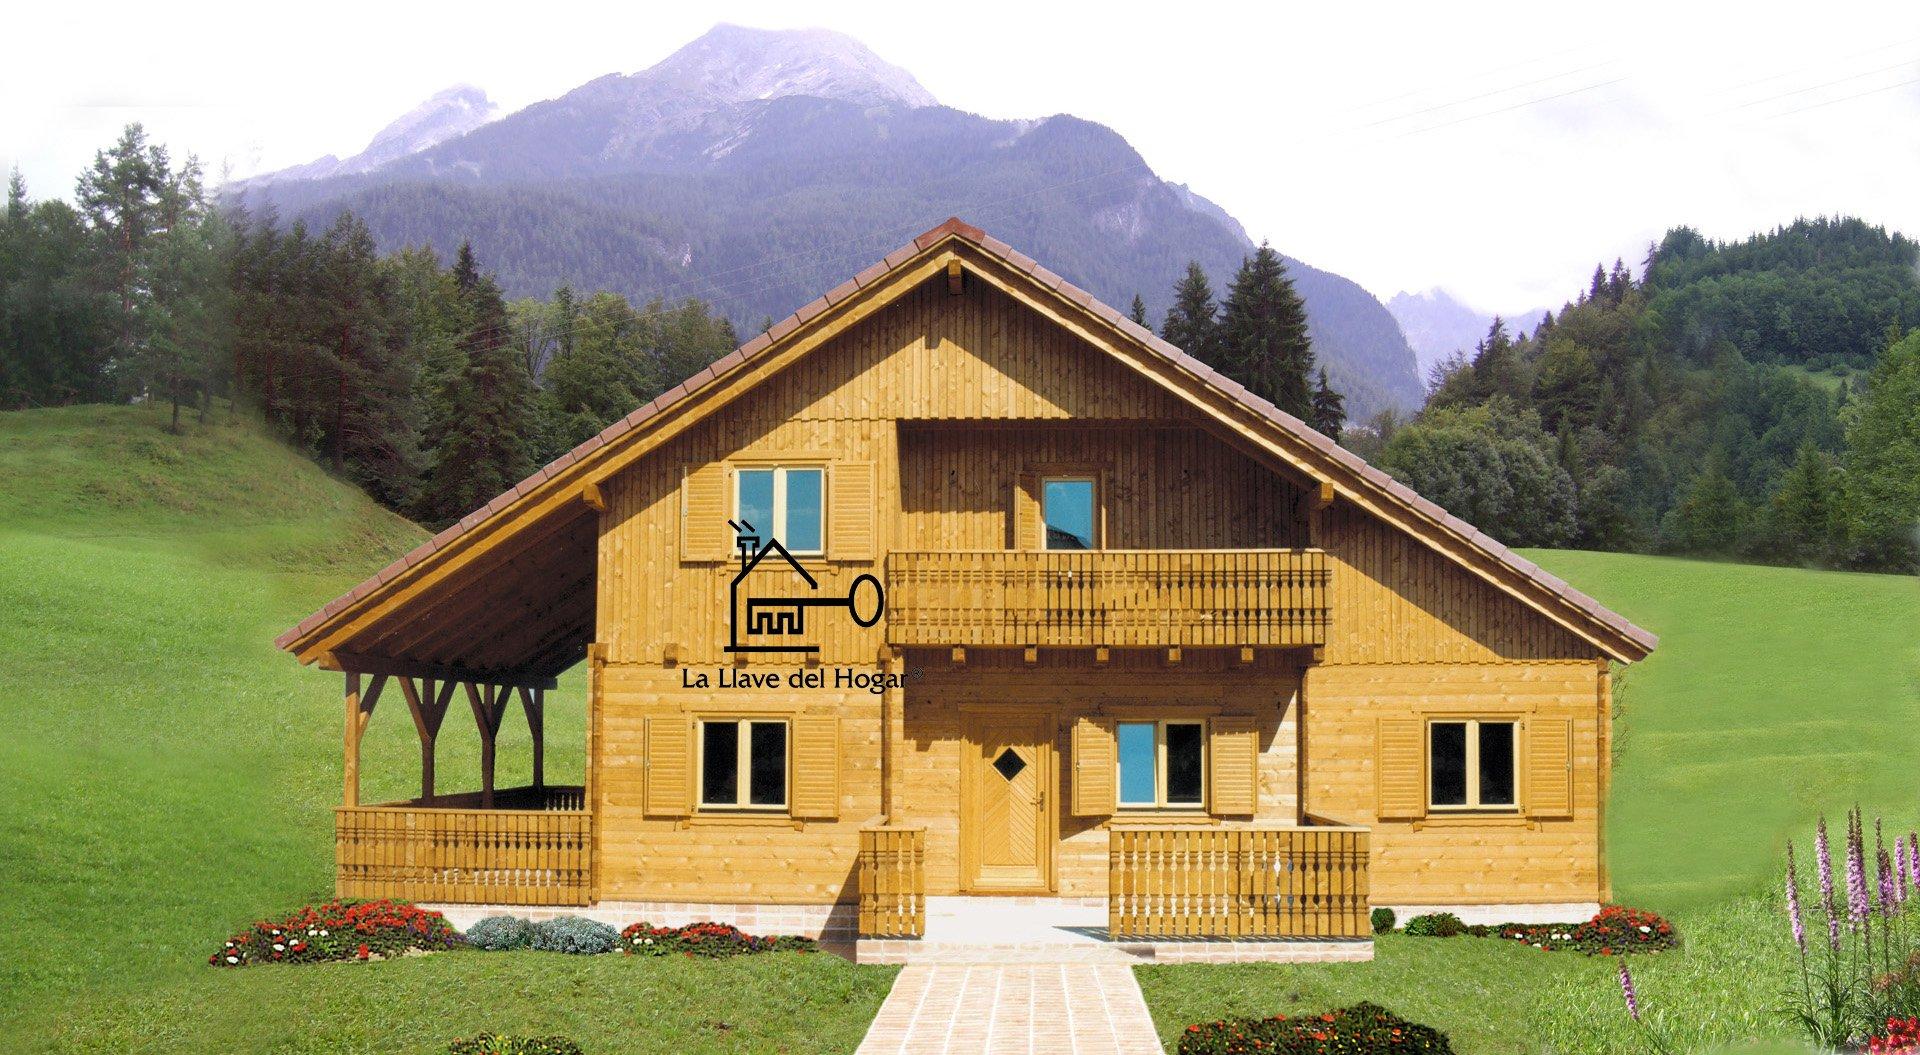 La llave del hogar casas de madera y entramado ligero - Imagenes de casas de madera ...